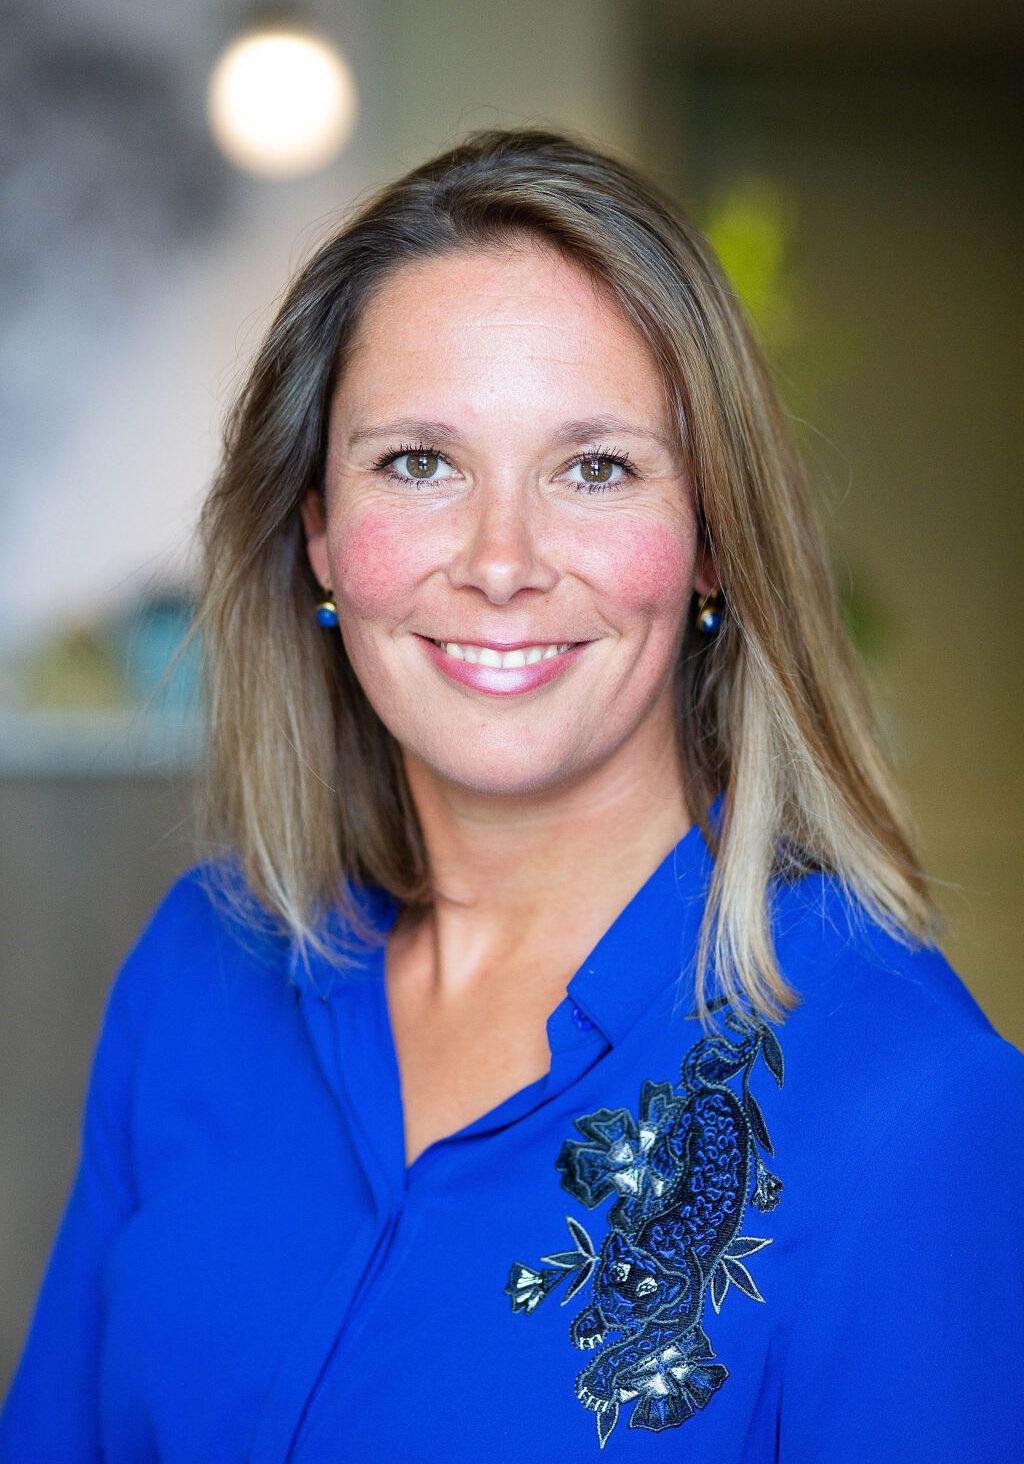 GS in Business - Geraldine Sobels - Contact